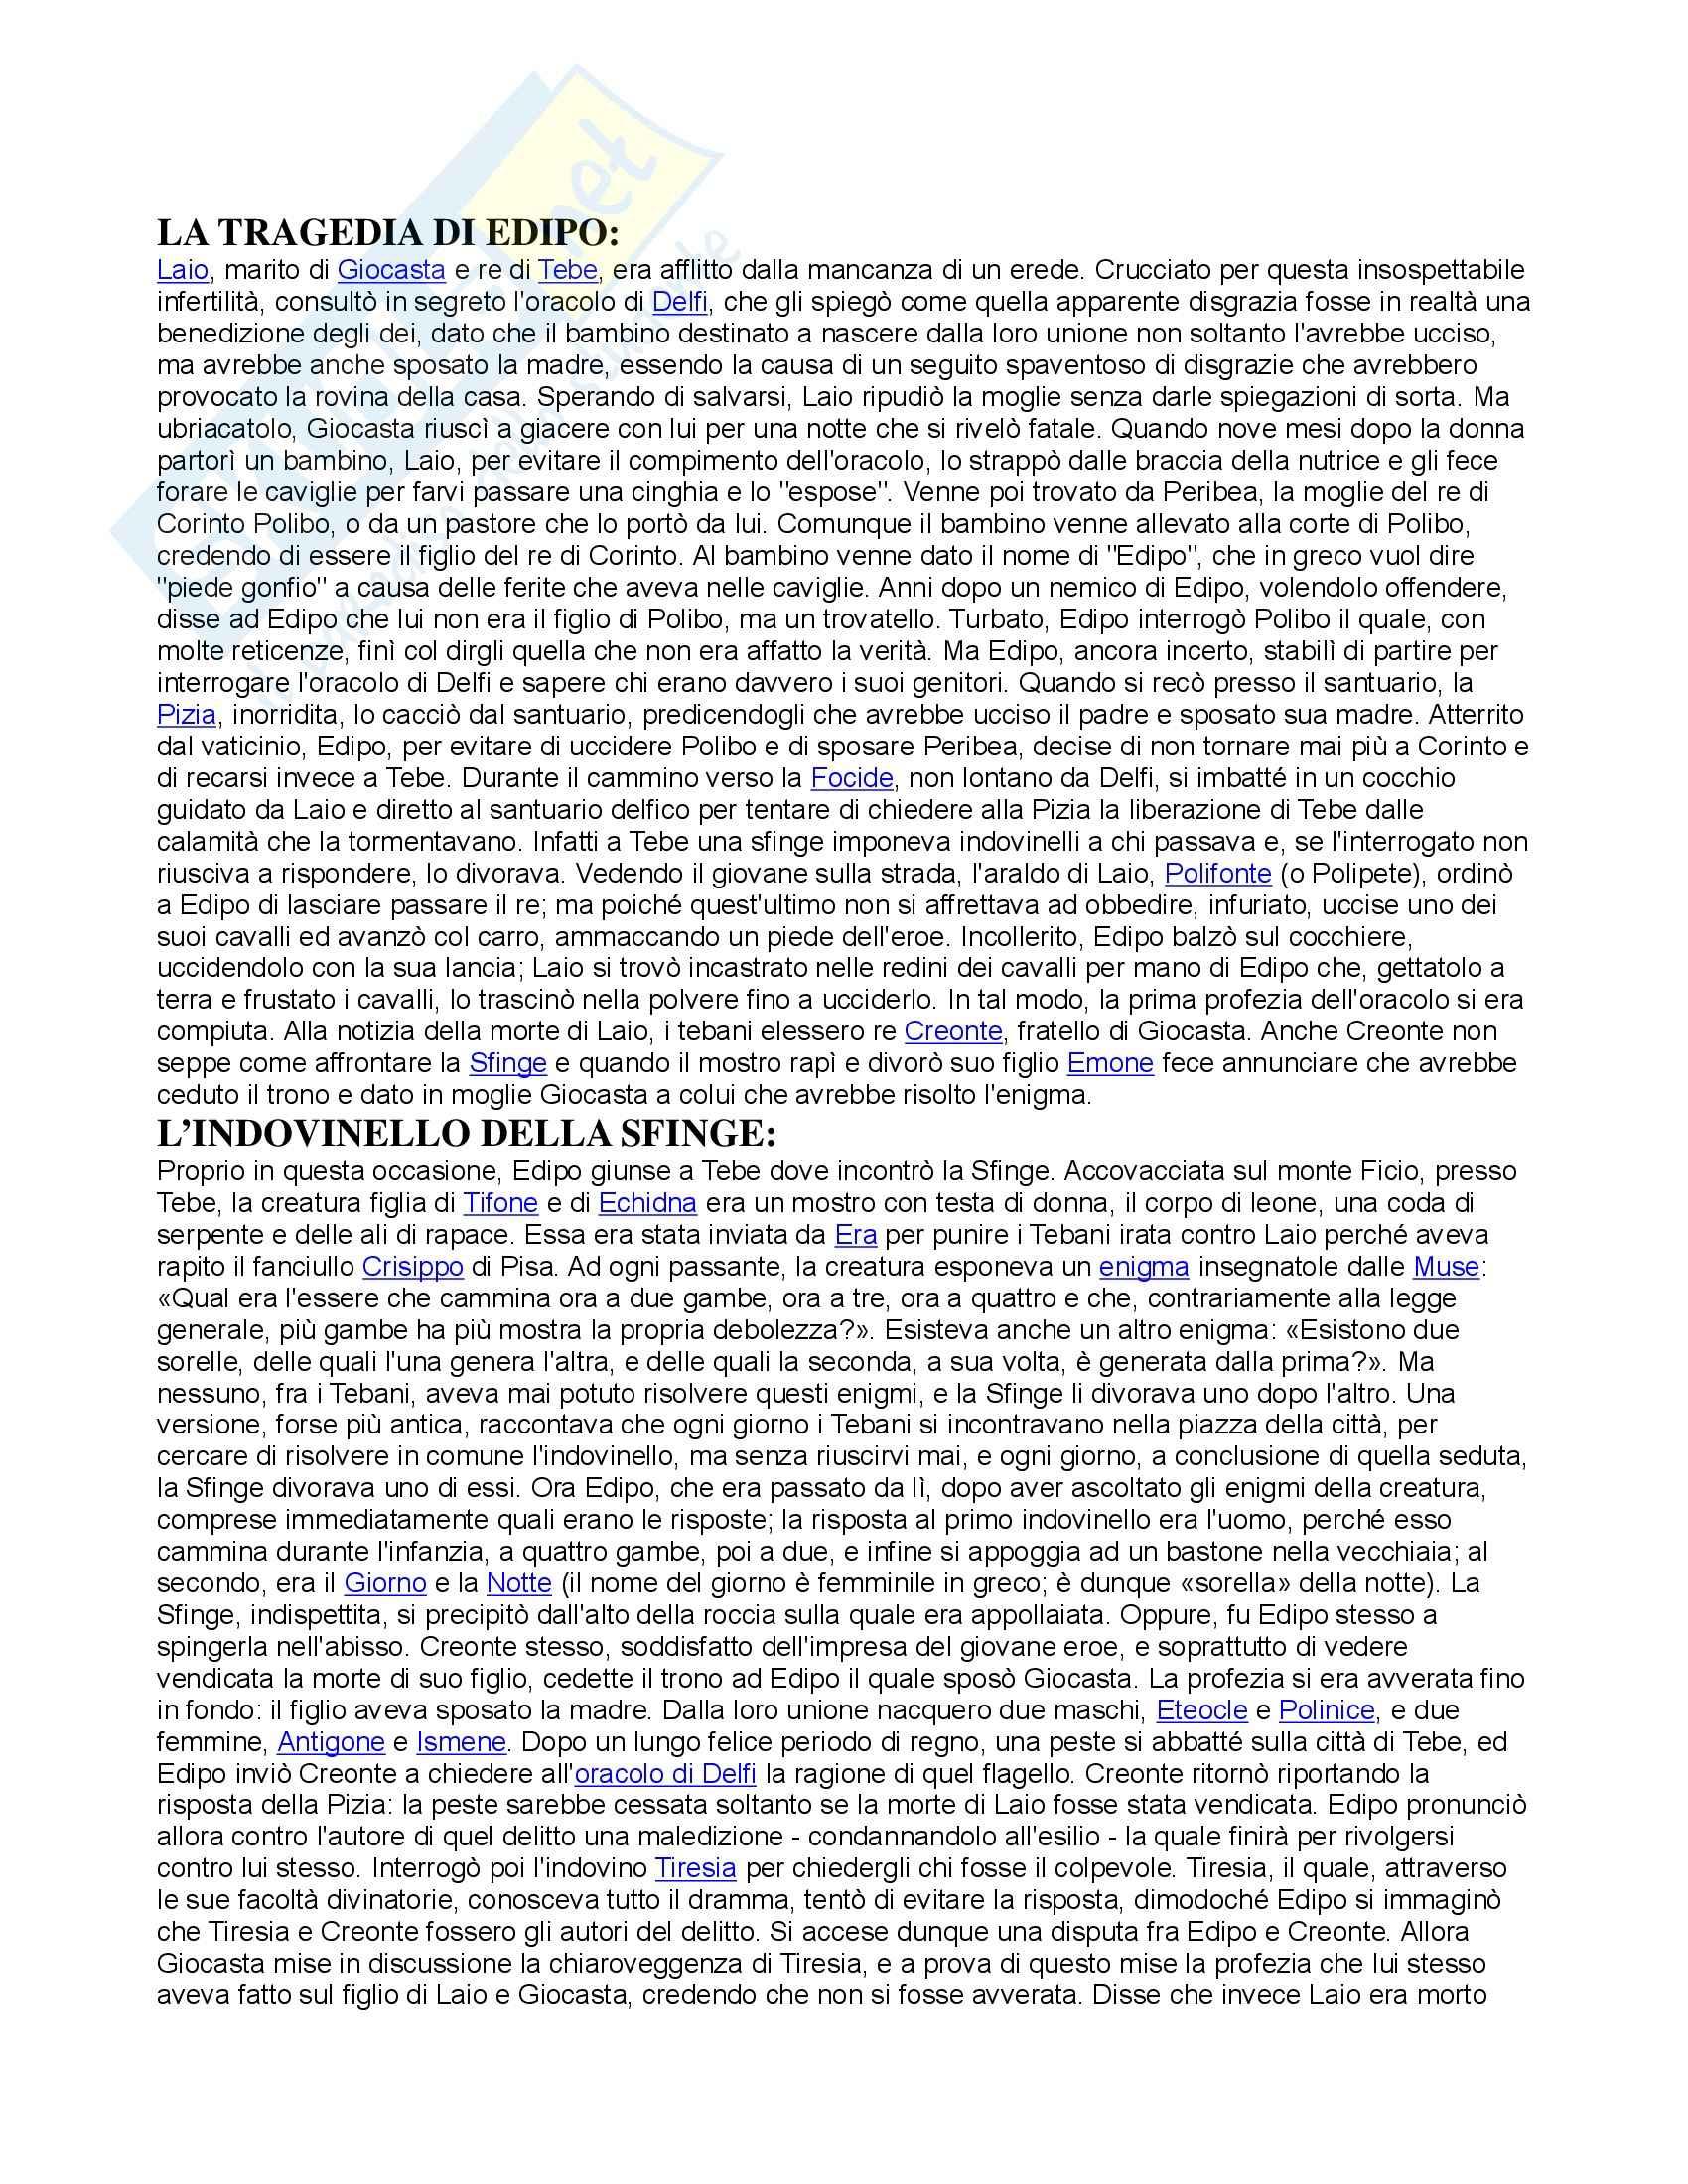 Storia del pensiero giuridico e politico nel mondo antico – Edipo